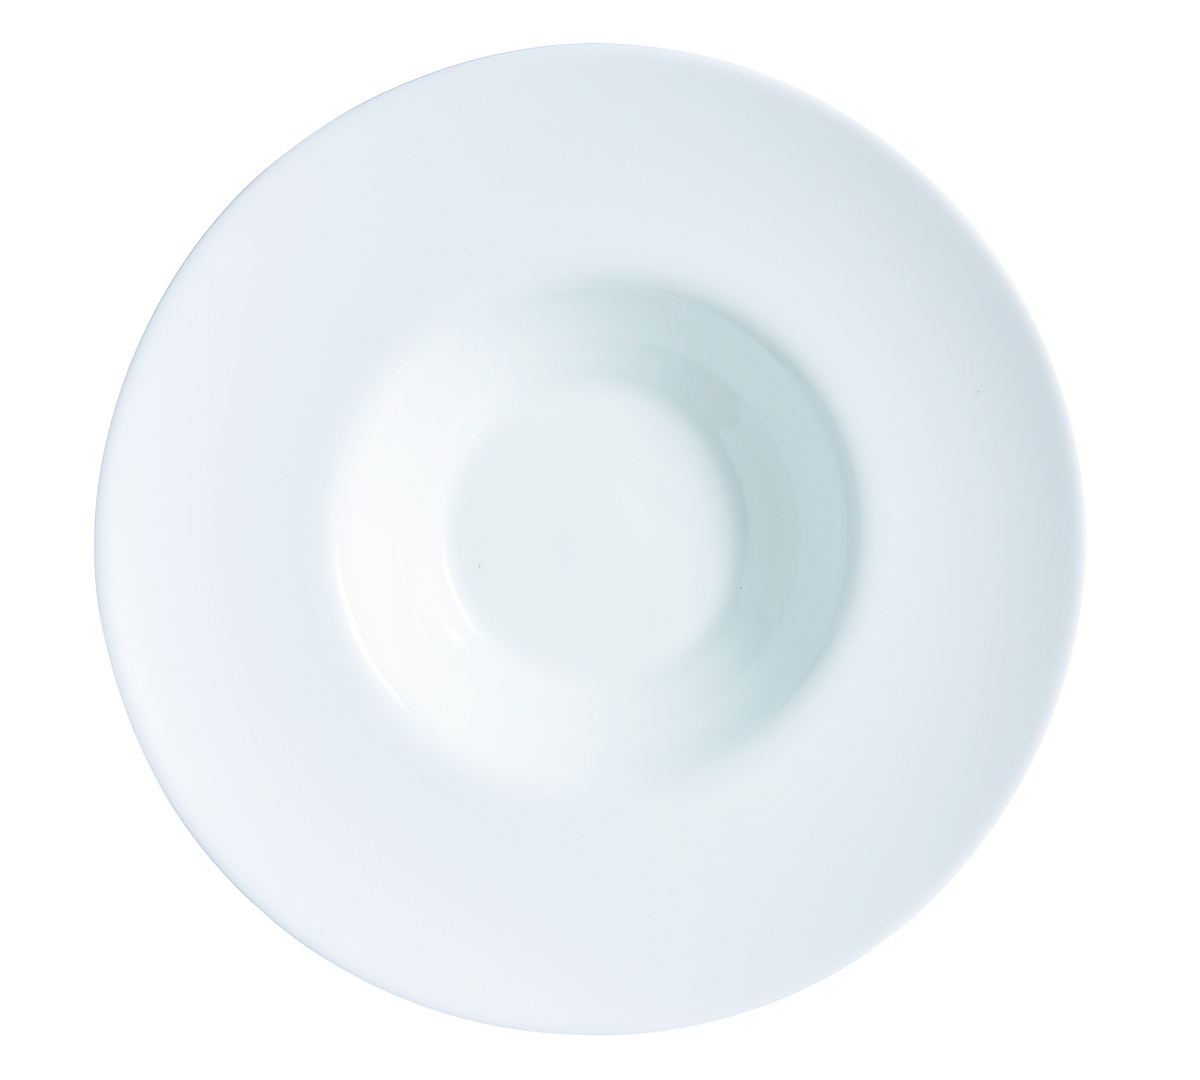 Assiette à risotto ronde ivoire verre Ø 29 cm Intensity Arcoroc